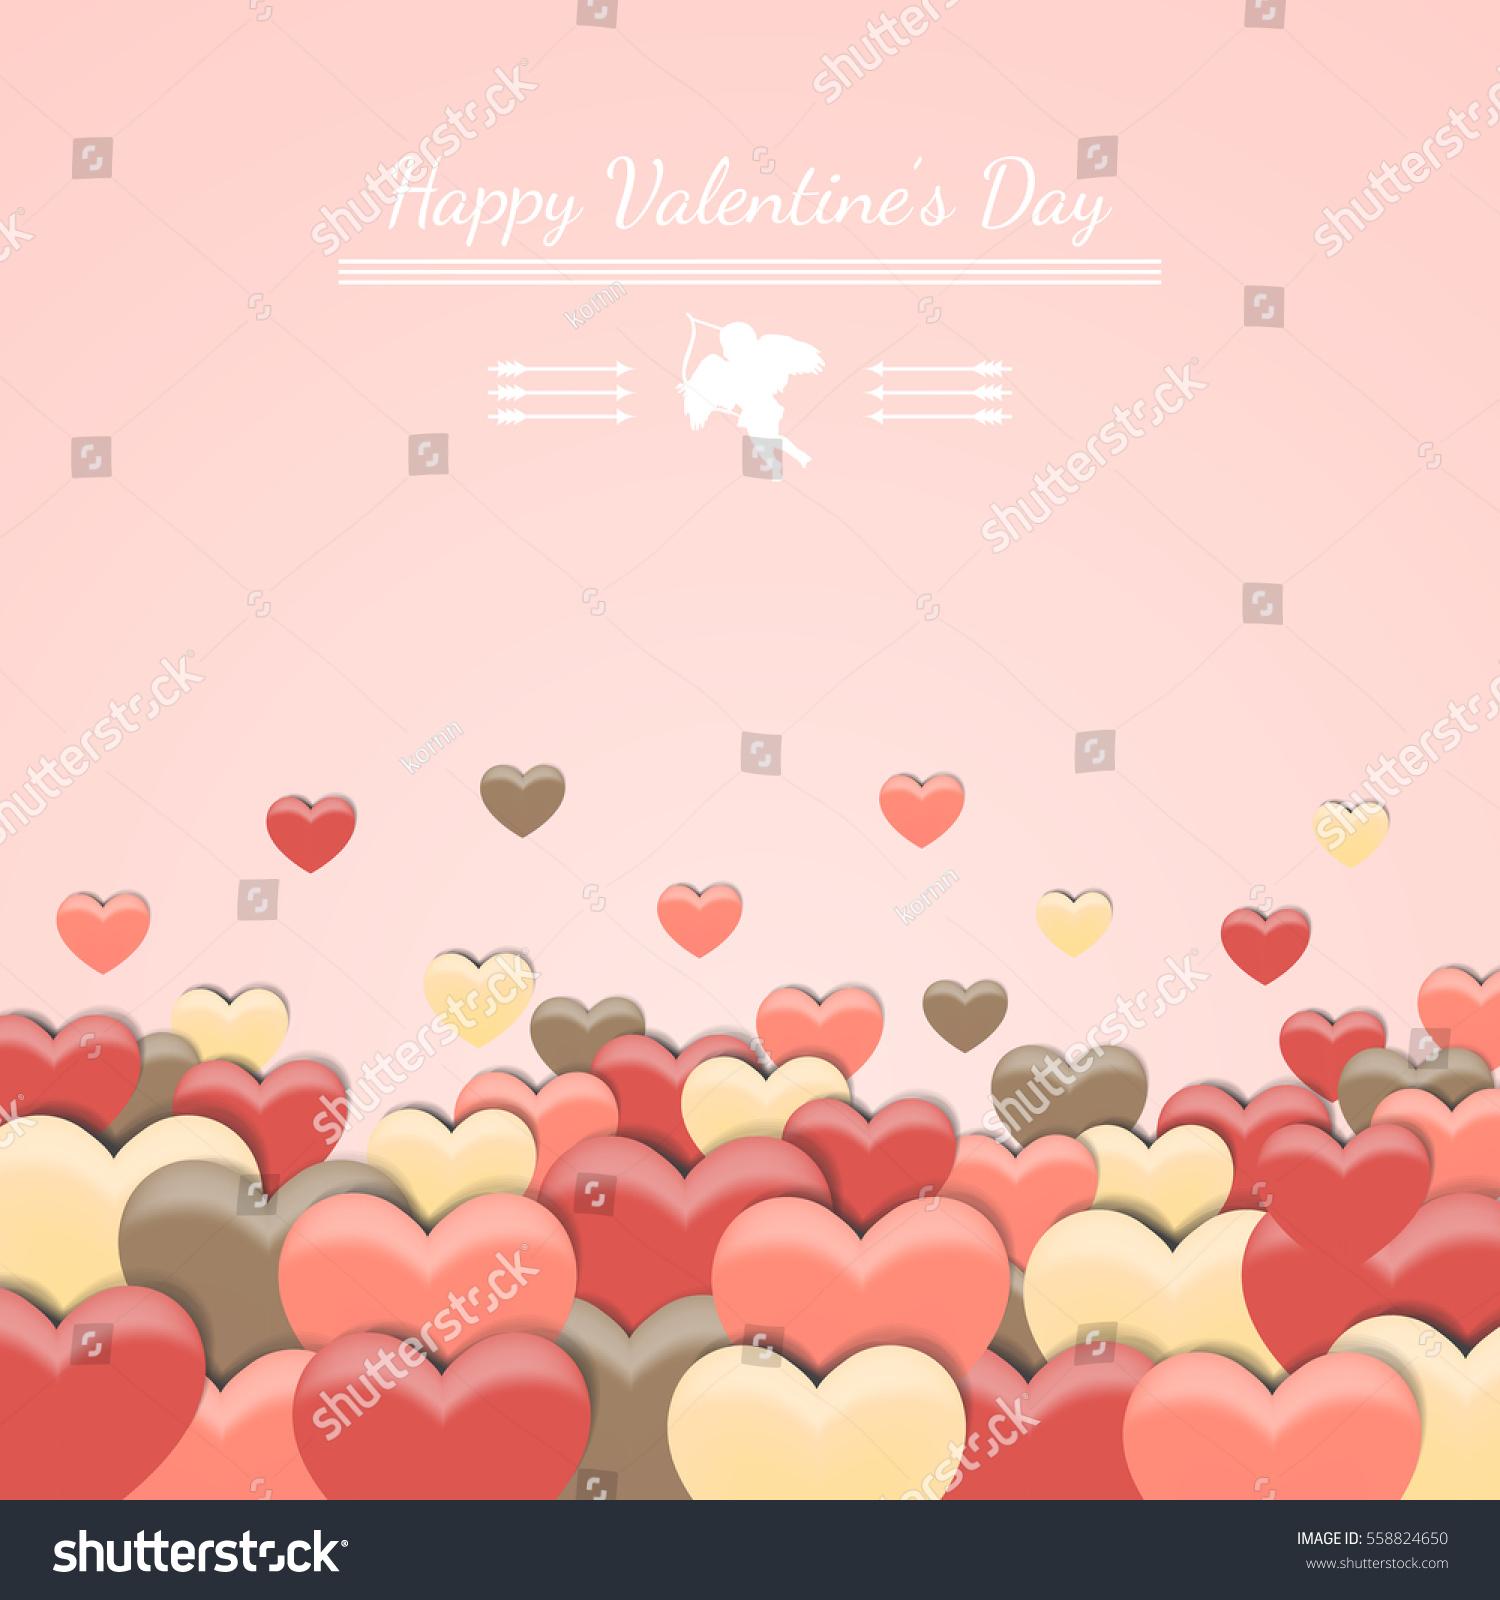 love happy valentines day pink background wallpaper card valentines day background wallpaper